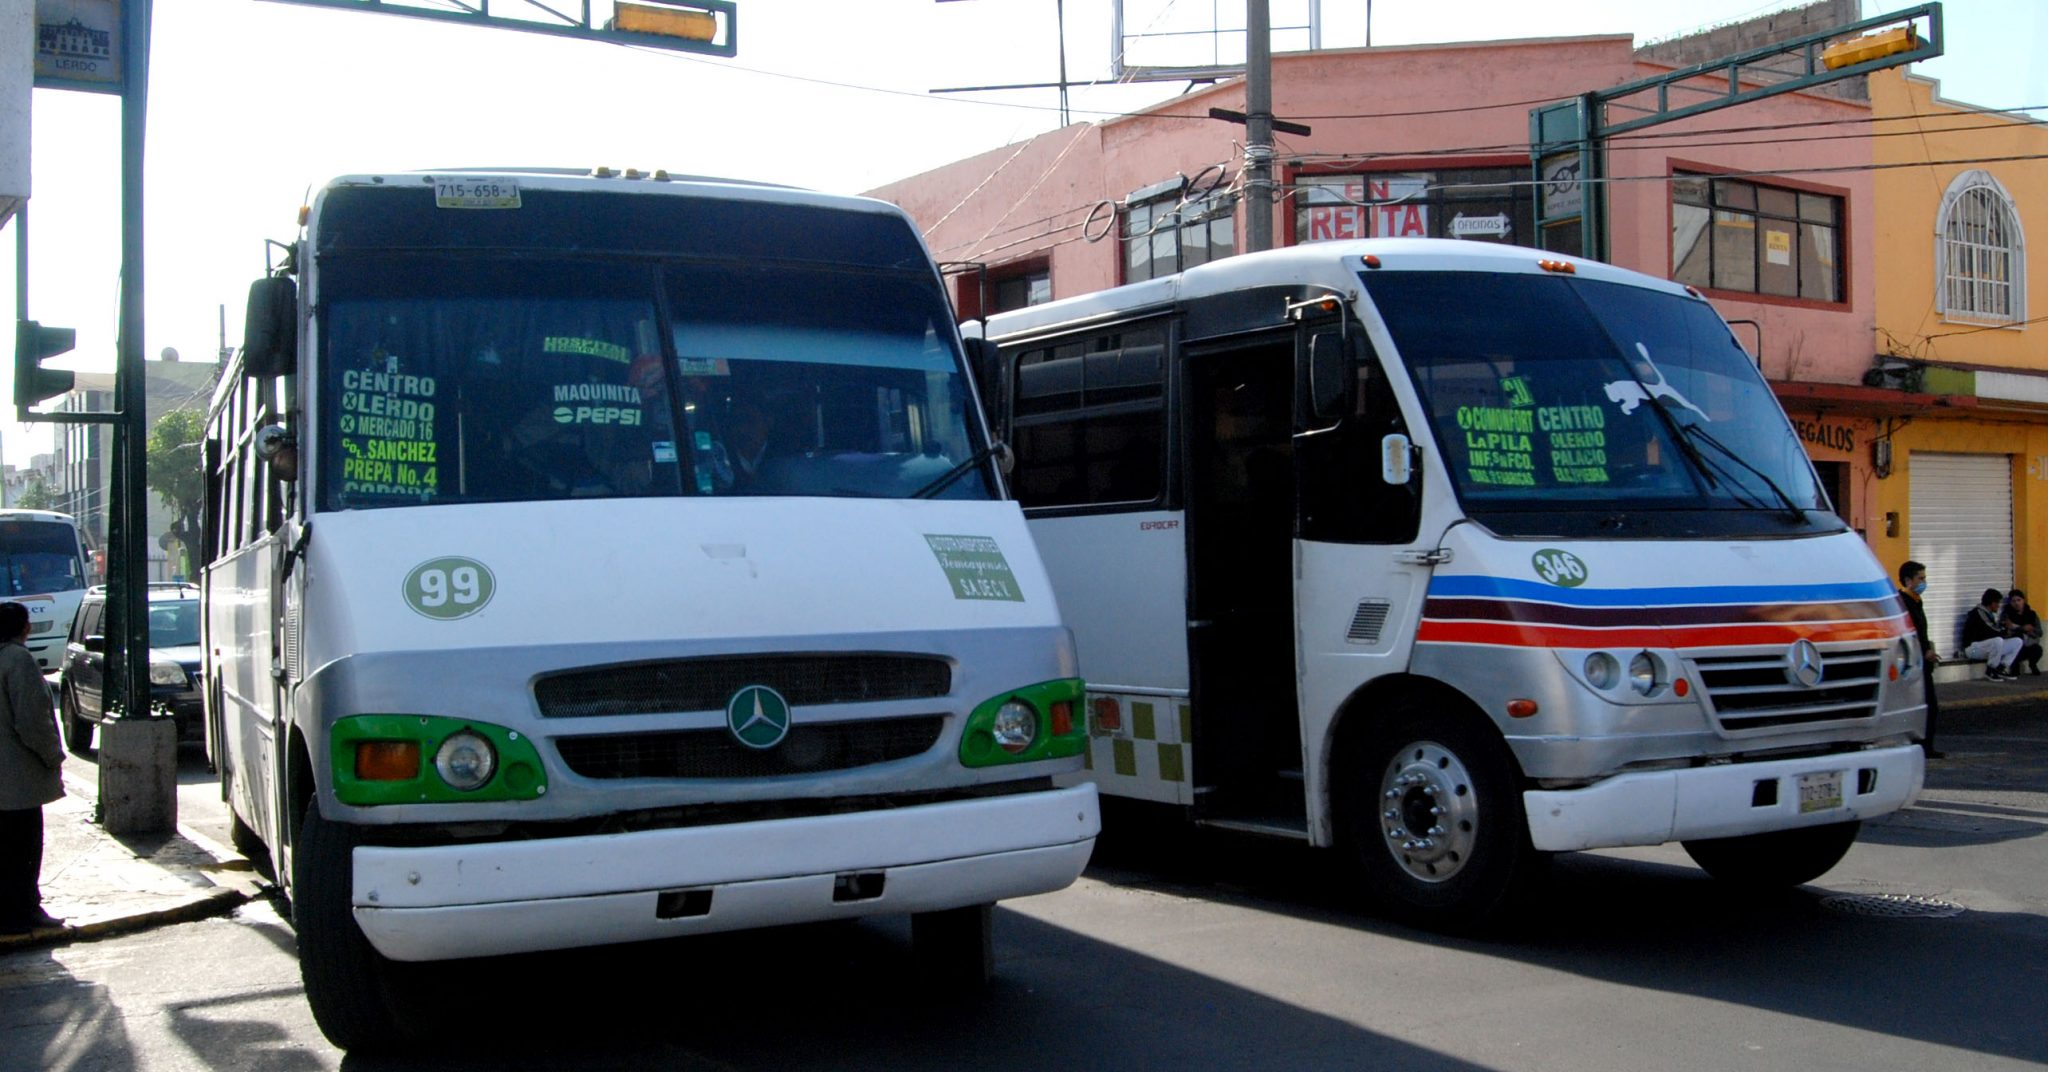 Corrupción en Secretaría de Movilidad, dan 502 concesiones a transporte público